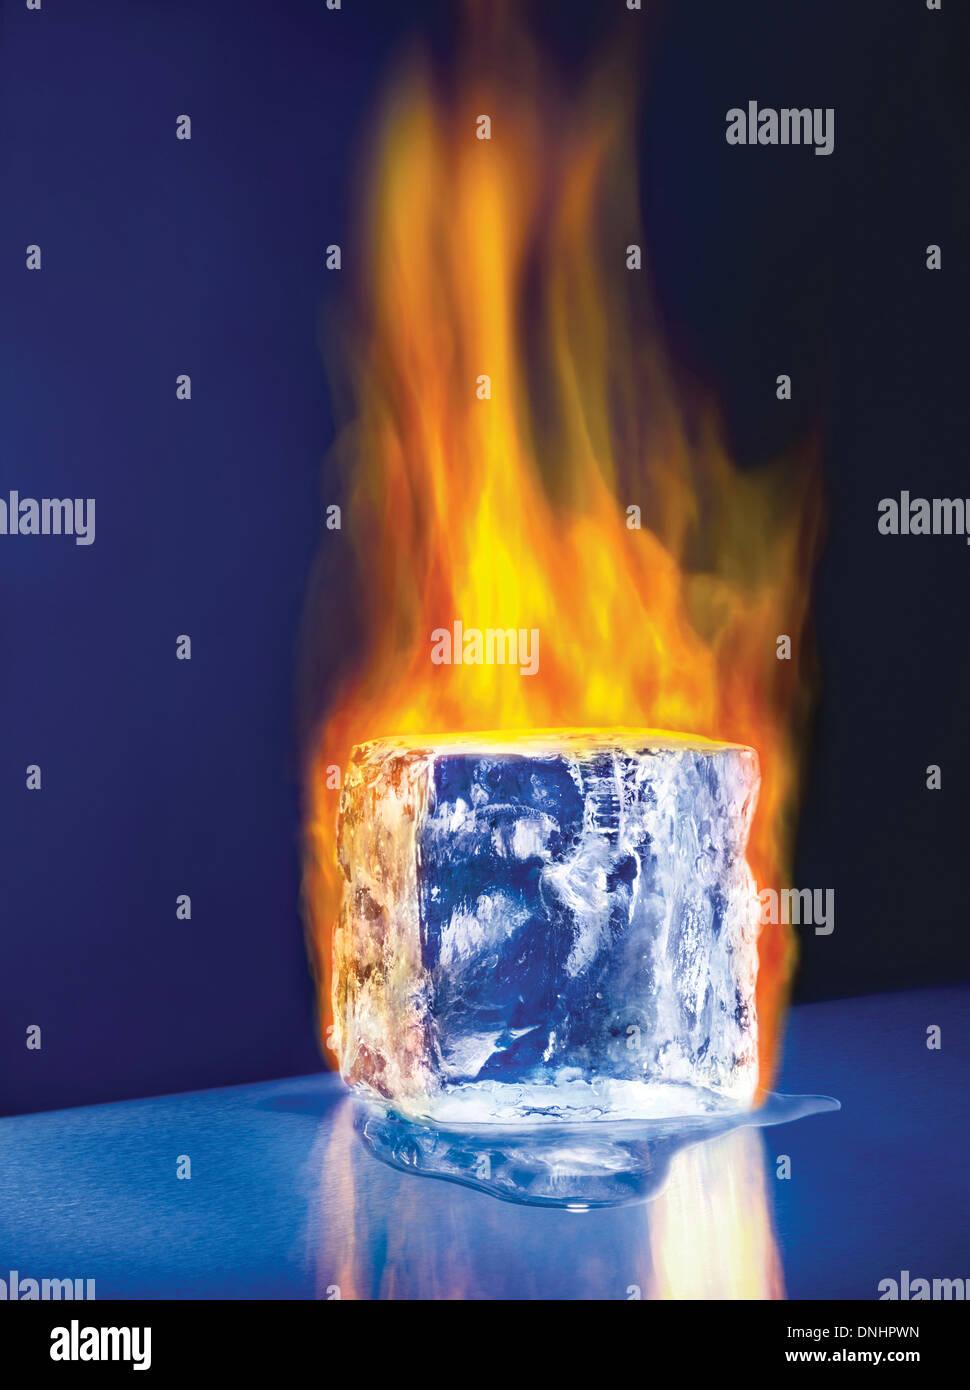 Un grand bloc de glace fondante cube sur l'incendie. Banque D'Images